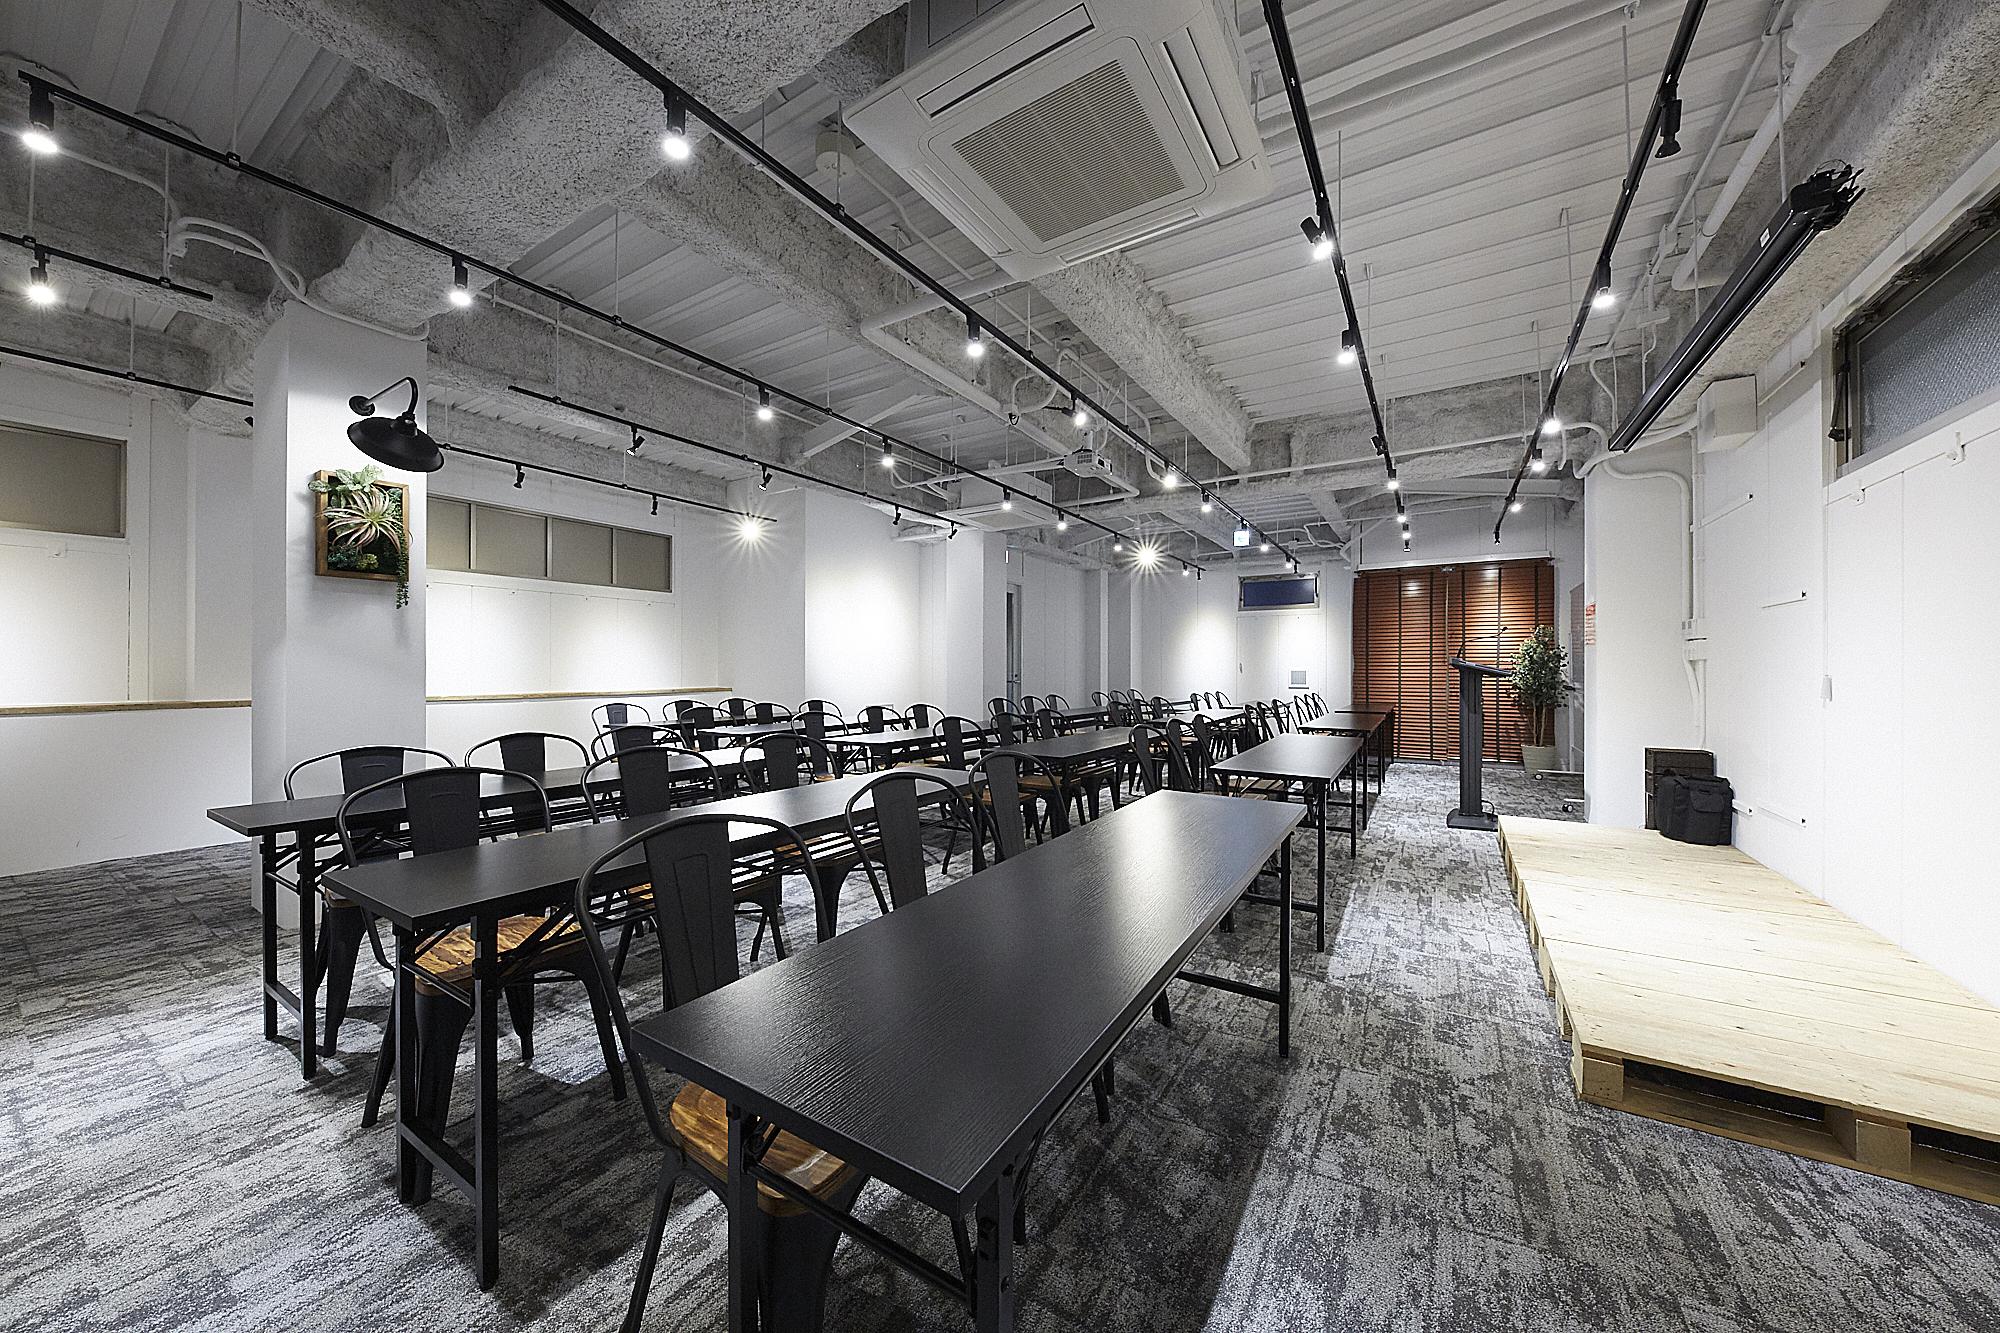 おしゃれ空間でいつもと違う会議を♪TIME SHARING五反田Ⅰ|TIME SHARING|タイムシェアリング|スペースマネジメント|あどばる|adval|SHARING